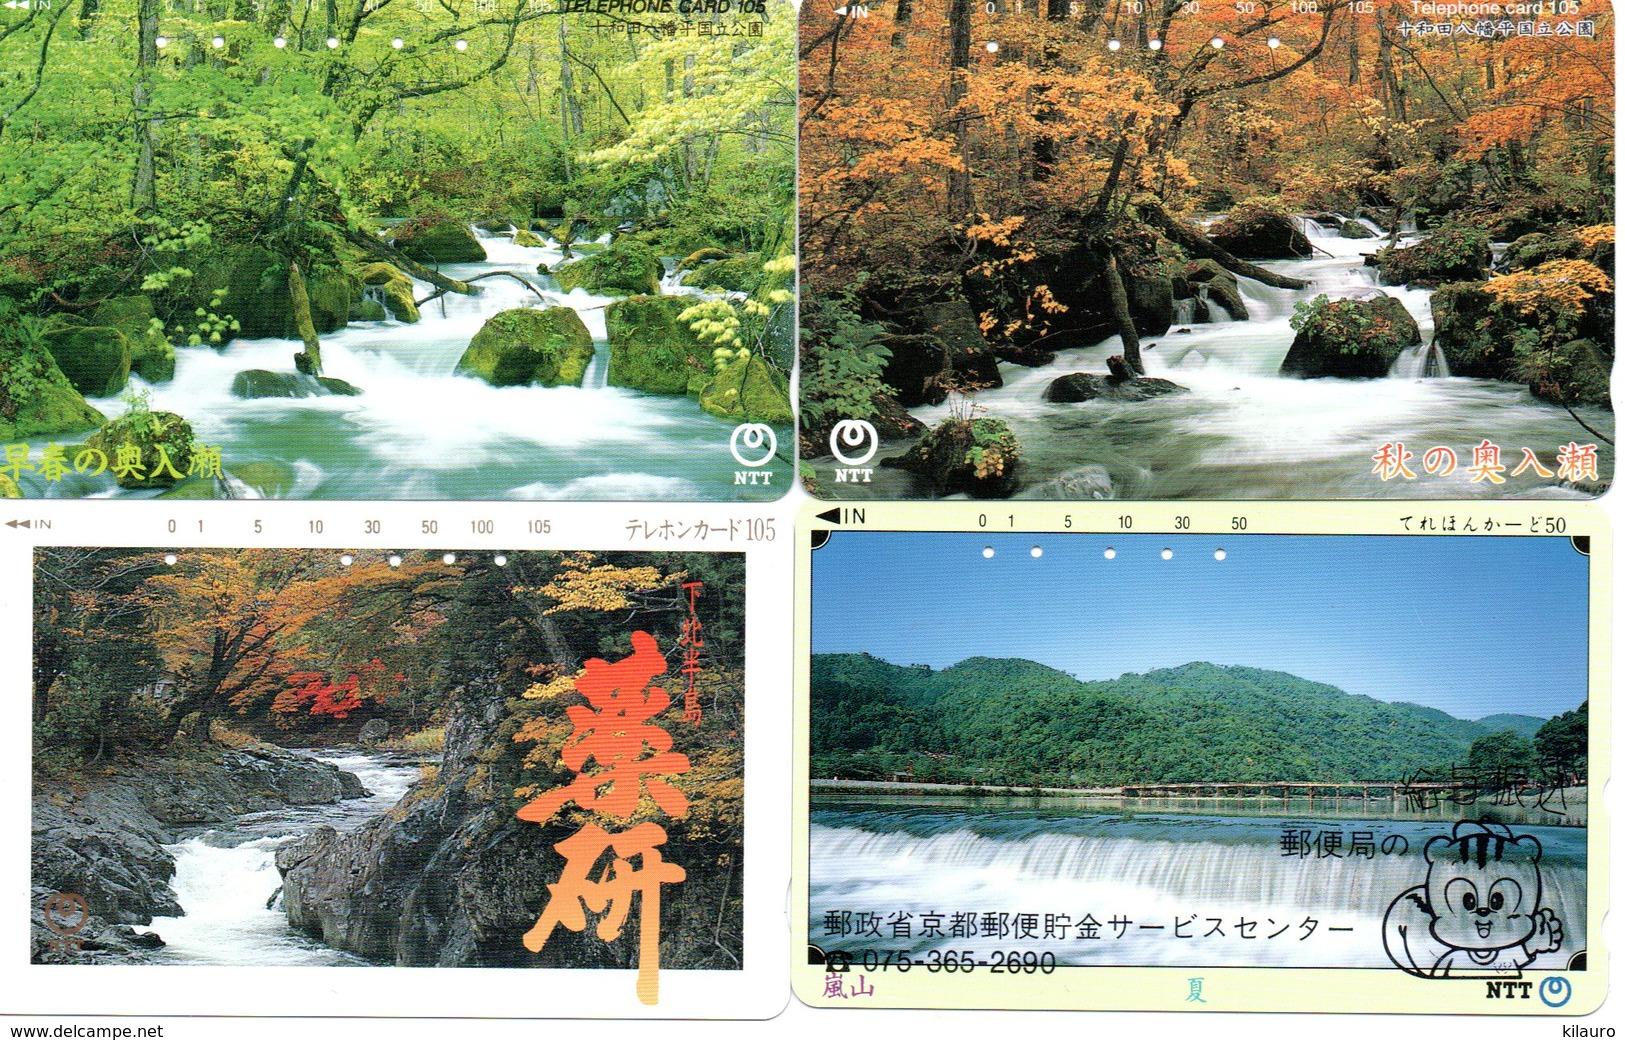 4 Télécartes Japon Japan Phonecard Toutes Différentes Cascade Waterfall Chute D'eau Paysage  (D 565) - Paysages